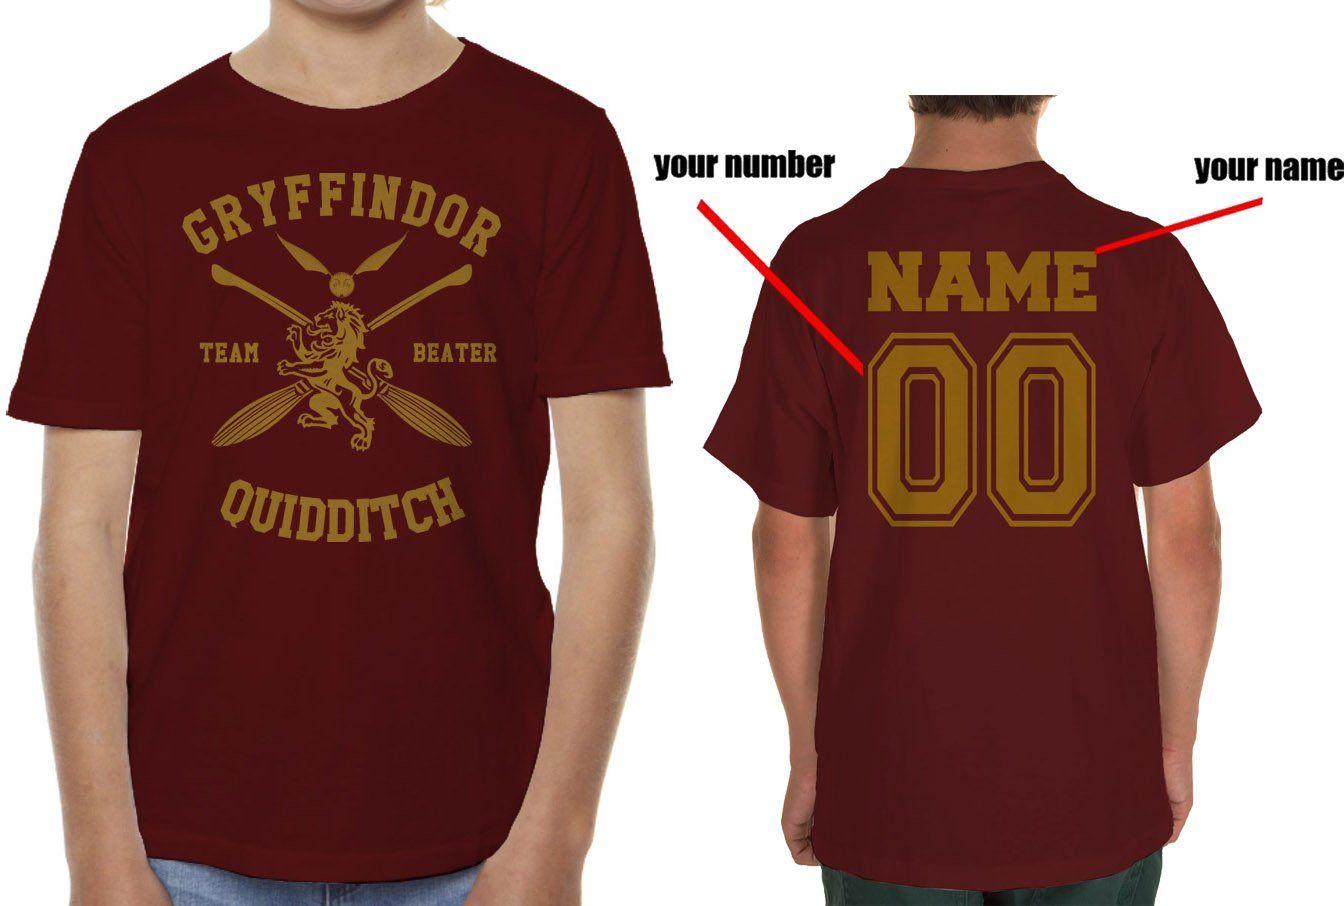 b10728dd5 Customize - New Gryffindor CHASER Quidditch Team Men T-shirt tee ...